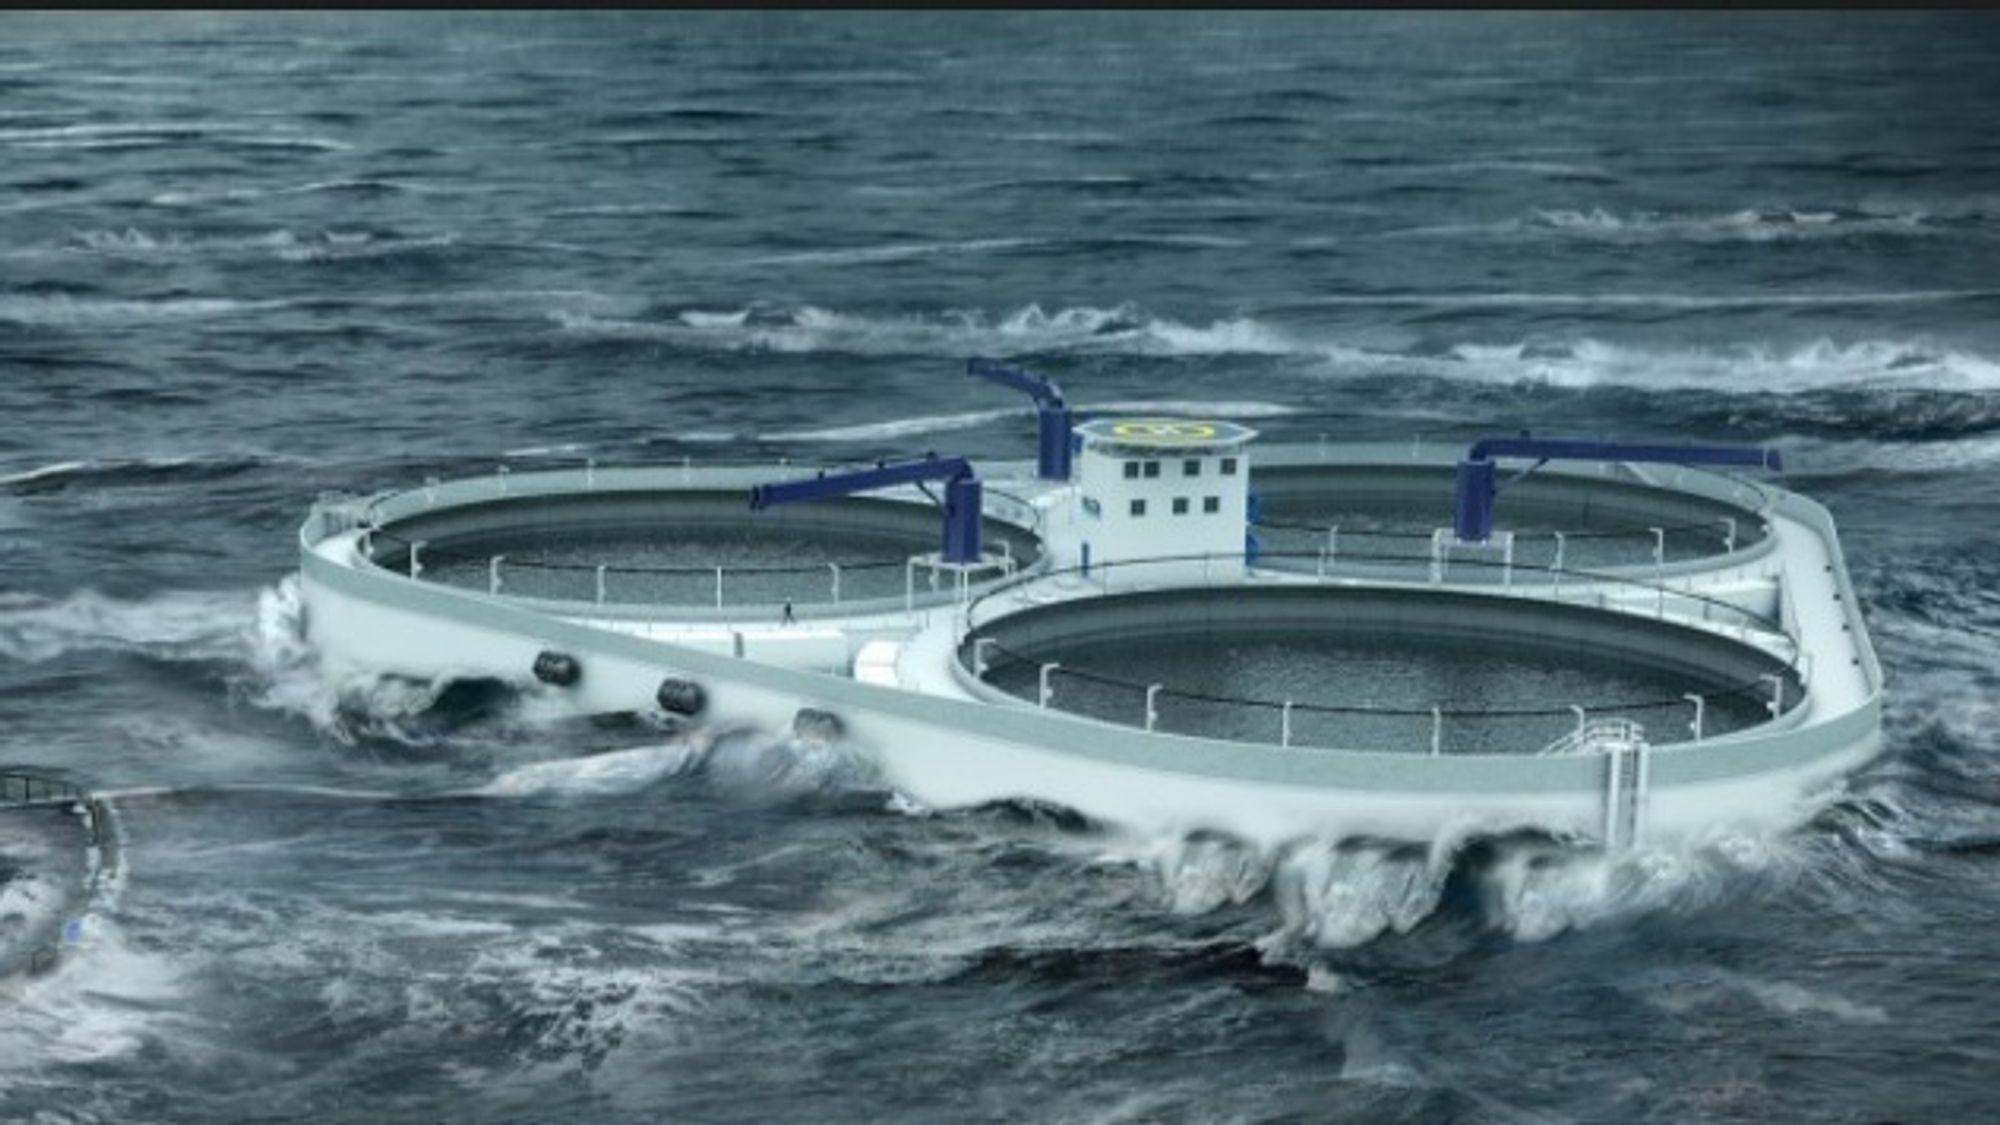 Betongmerden Øymerd skal etter planen bygges av Kværner i Norge. Illustrasjonen skal vise anlegget i bølgehøyde på 1,5 meter.